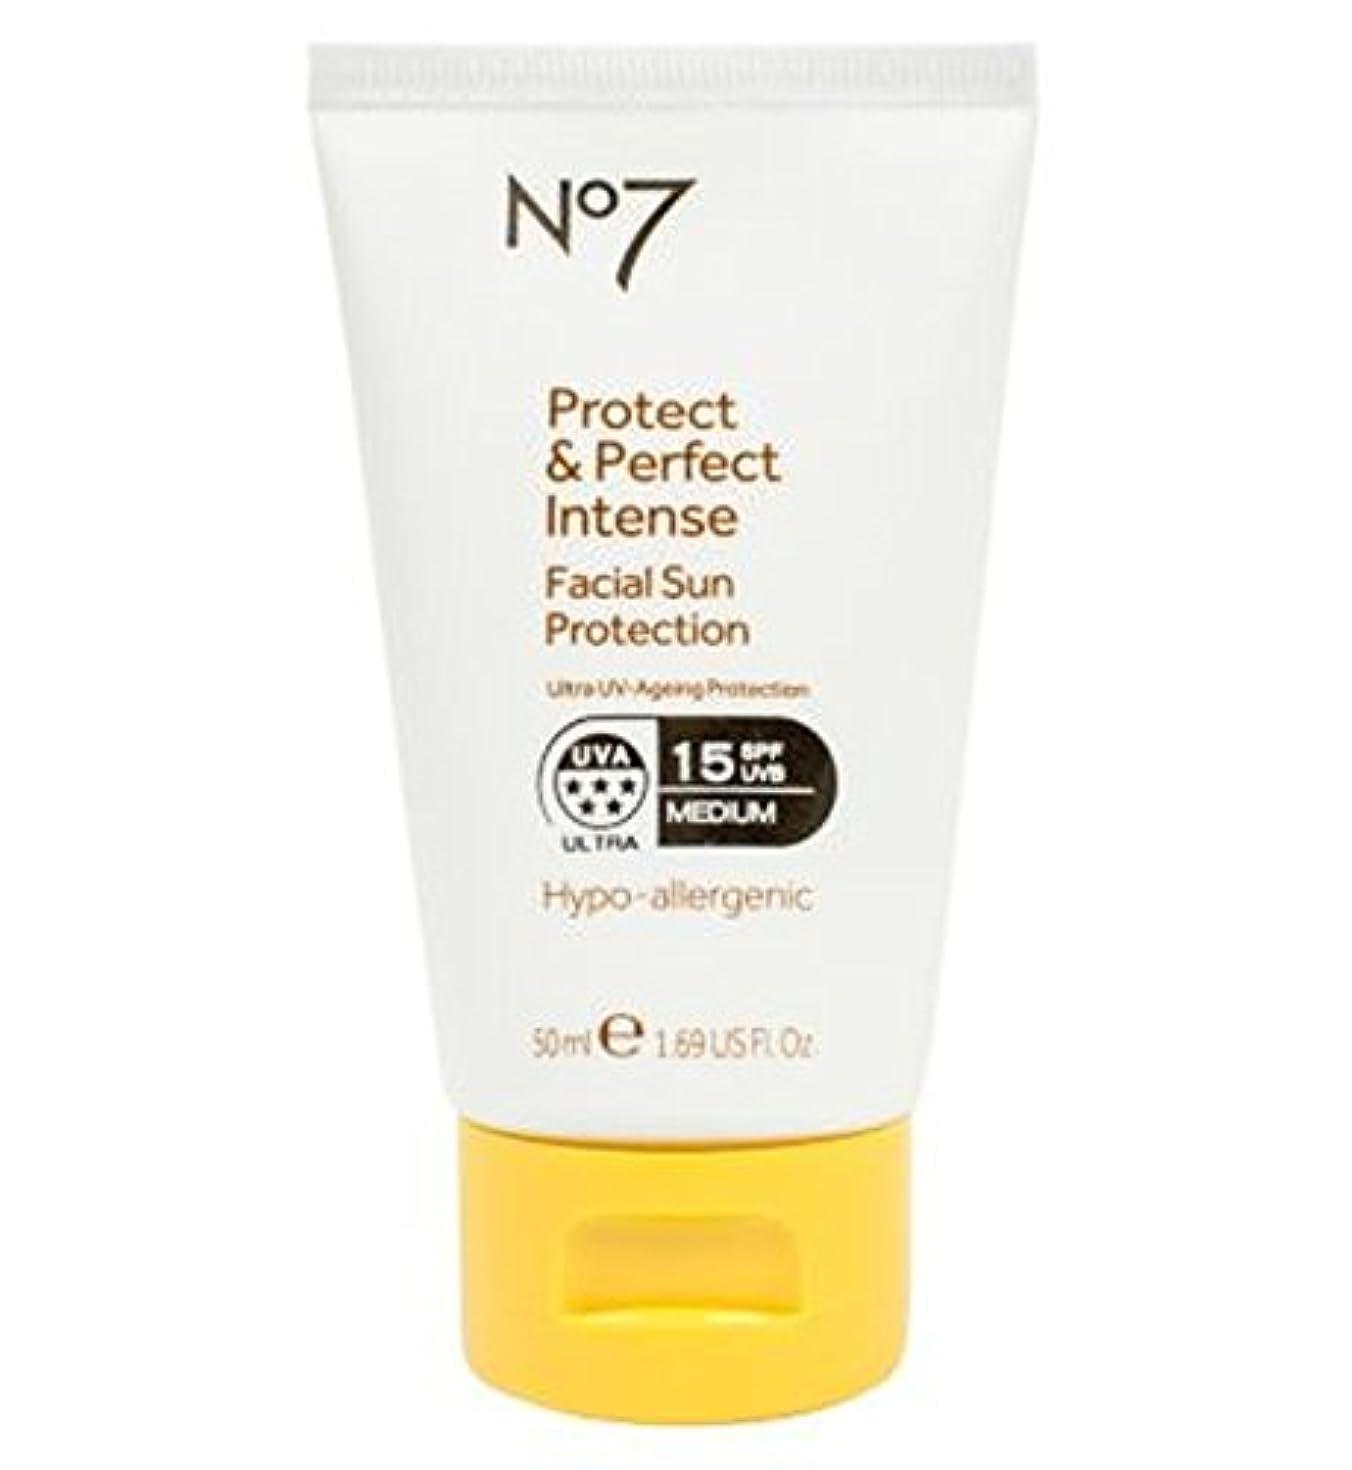 アイドル夢めったにNo7 Protect & Perfect Intense Facial Sun Protection SPF 15 50ml - No7保護&完璧な強烈な顔の日焼け防止Spf 15 50ミリリットル (No7) [並行輸入品]